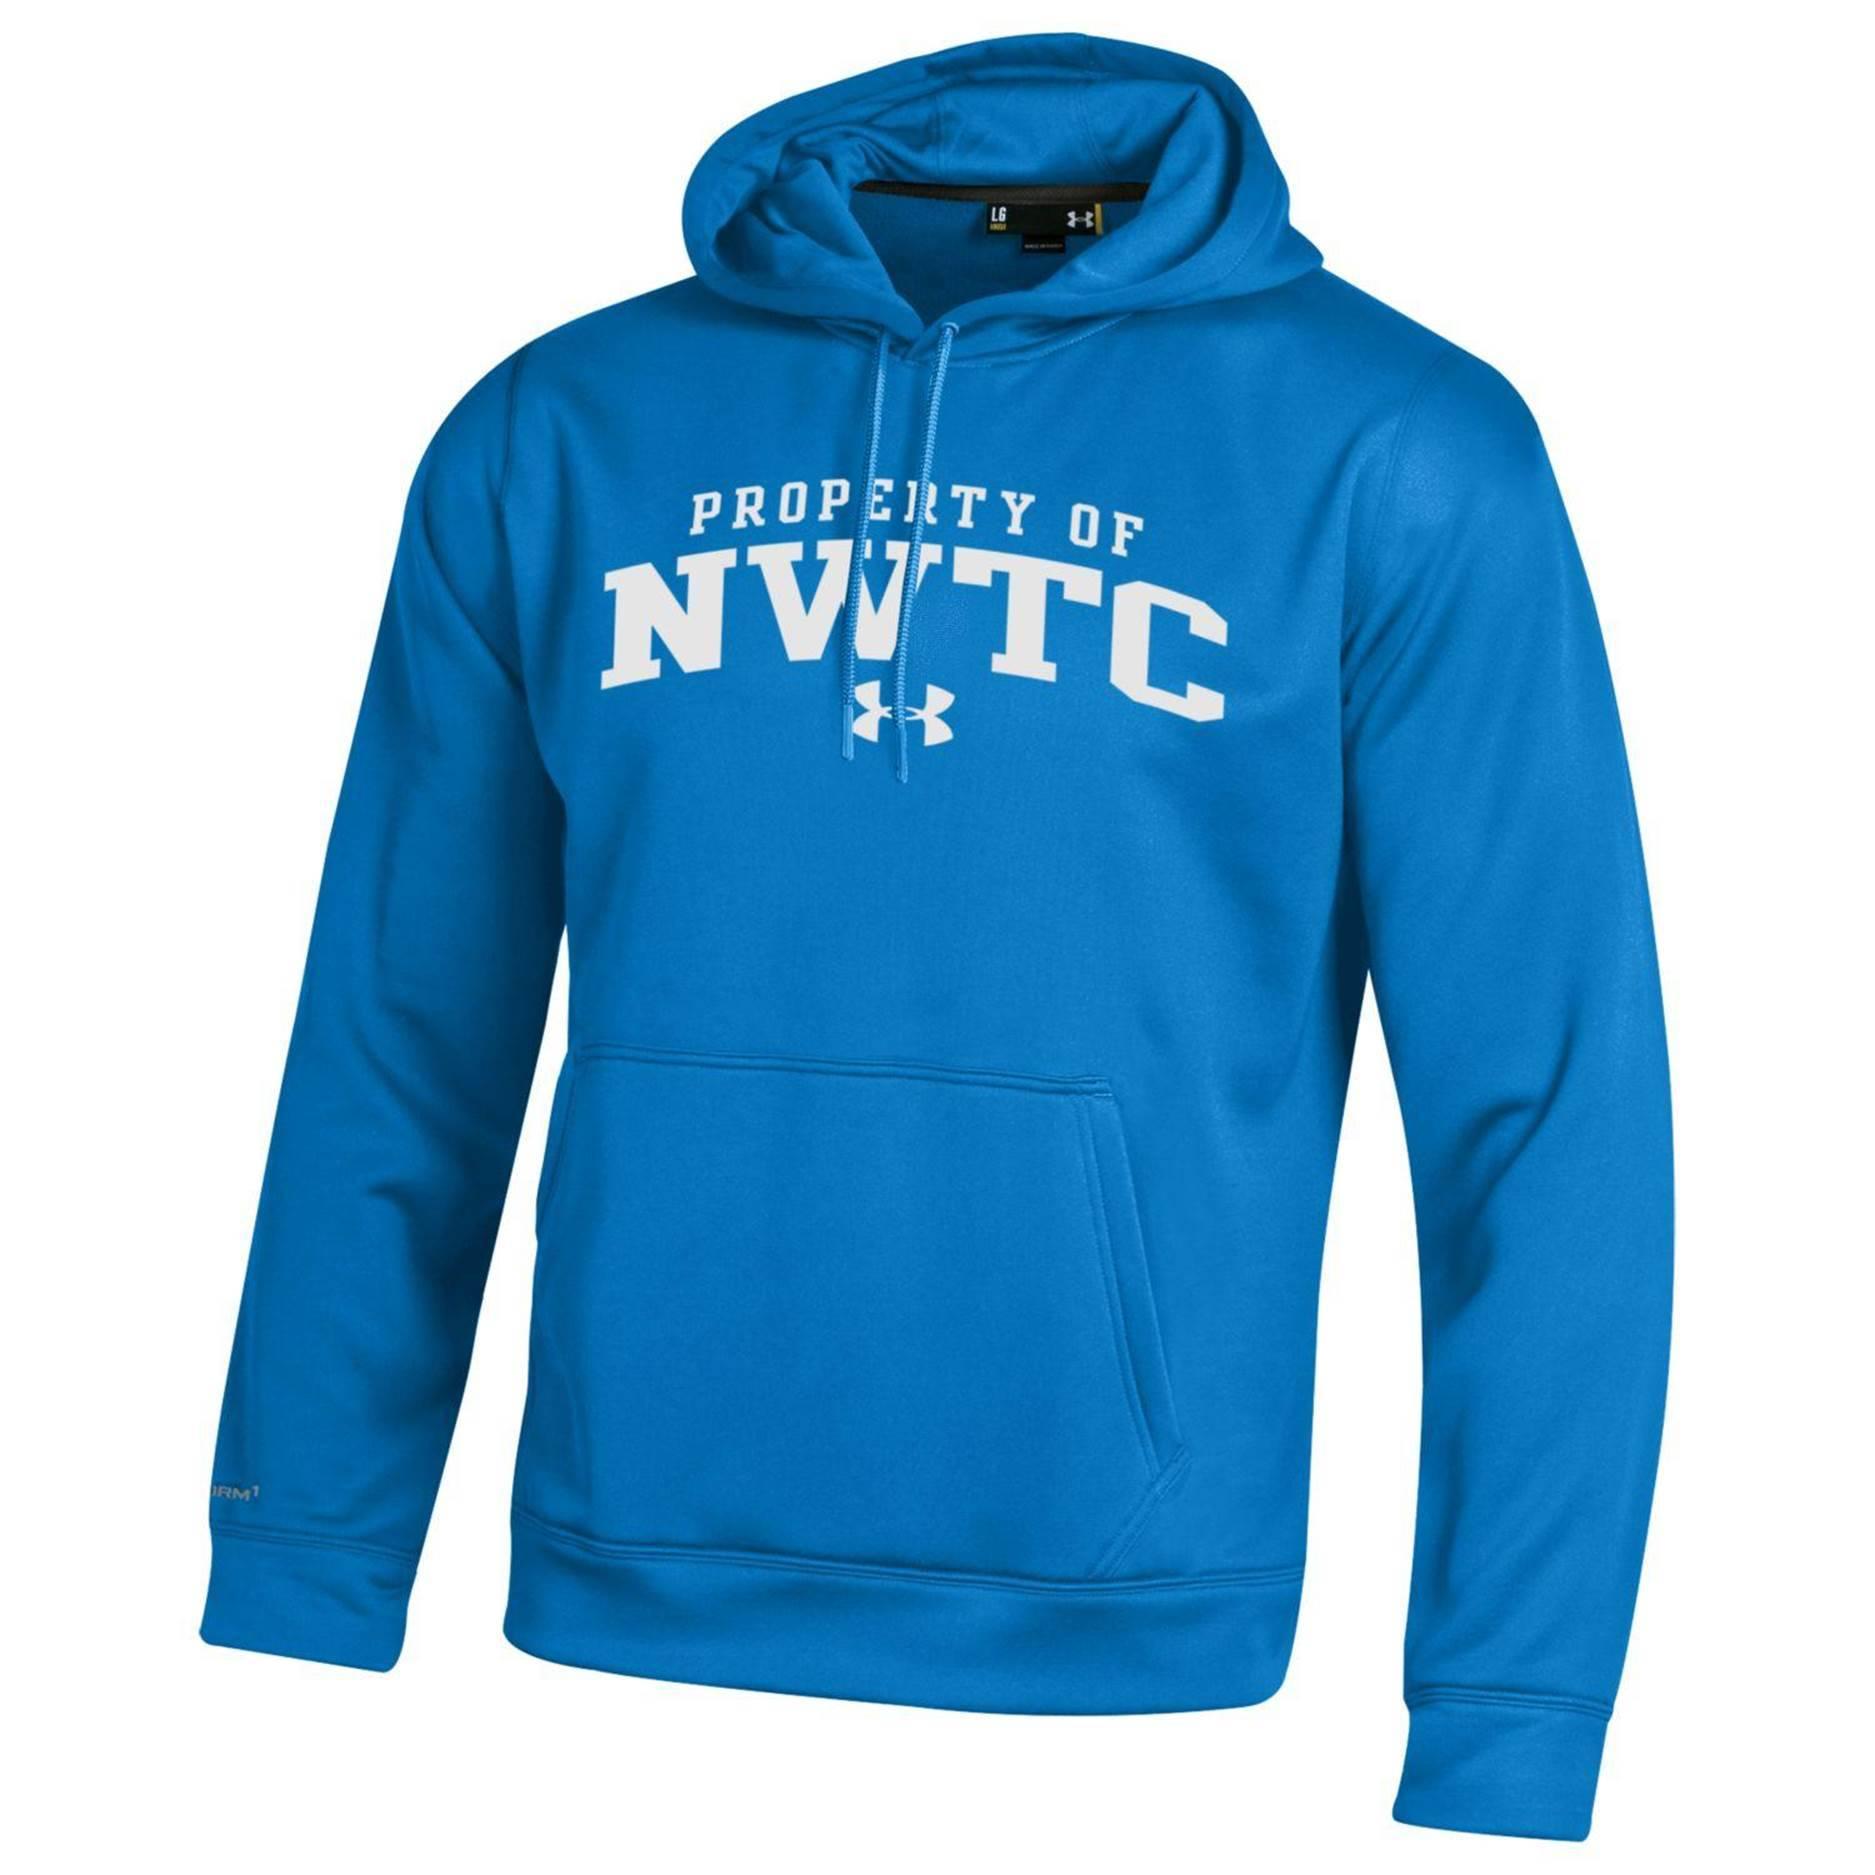 NWTC SWEATSHIRT UA PROPERTY